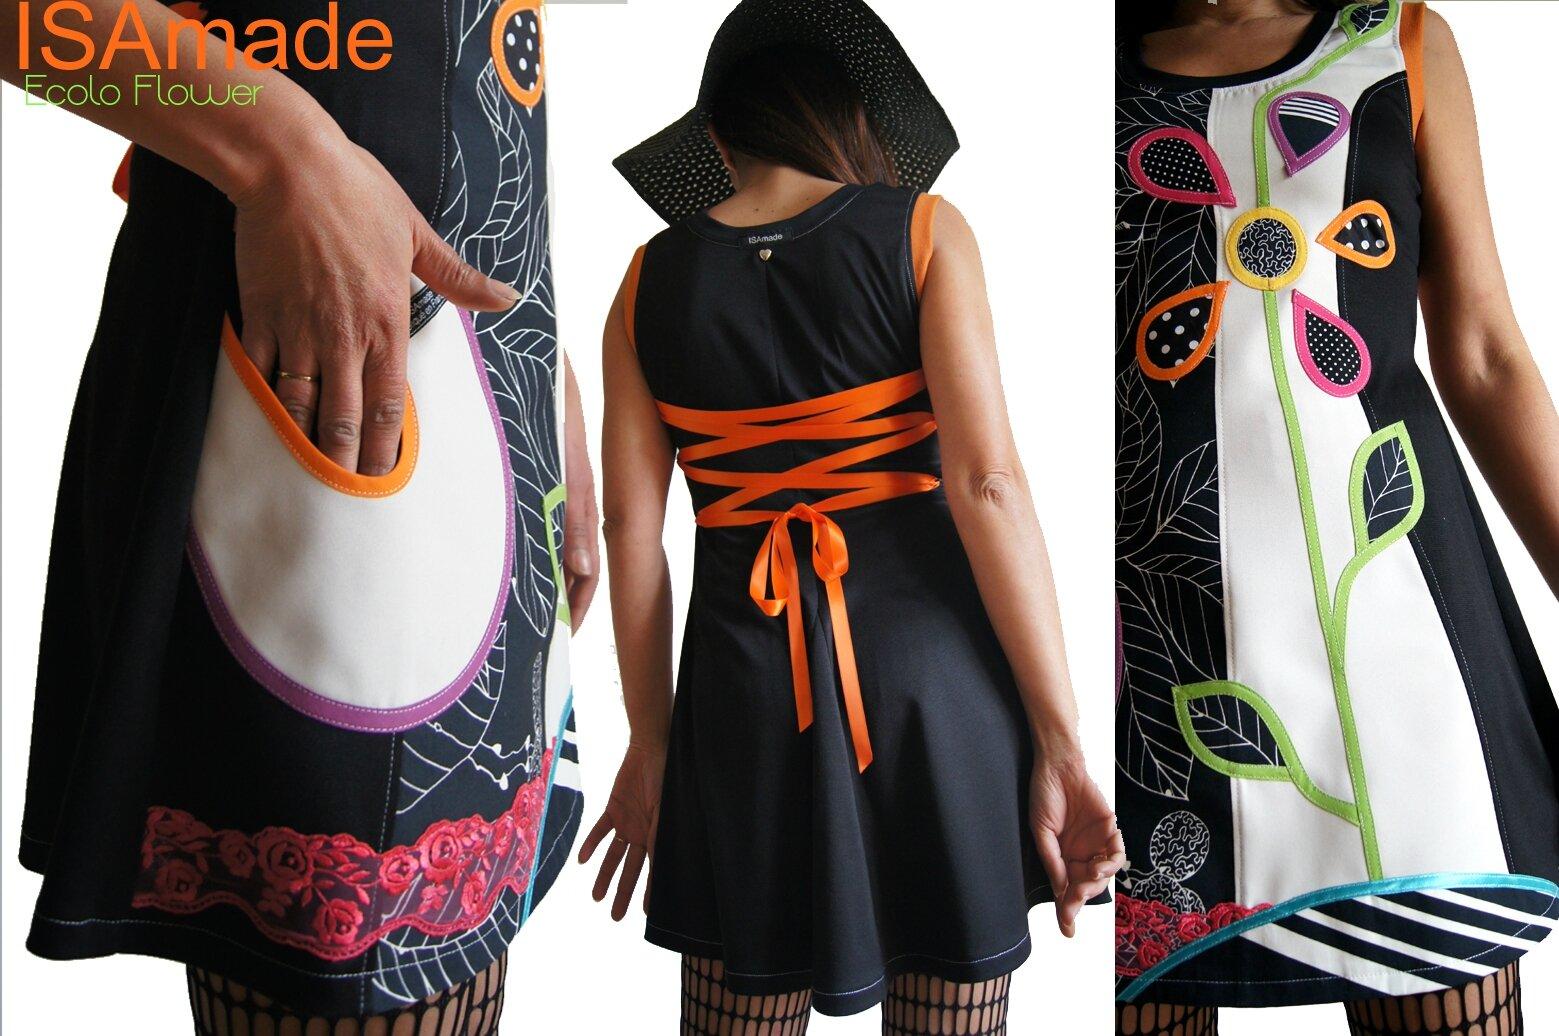 Robe maille Noire écru Look graphique & patch Fleur 70's stylisée à pois et dentelle Rose fuchsia